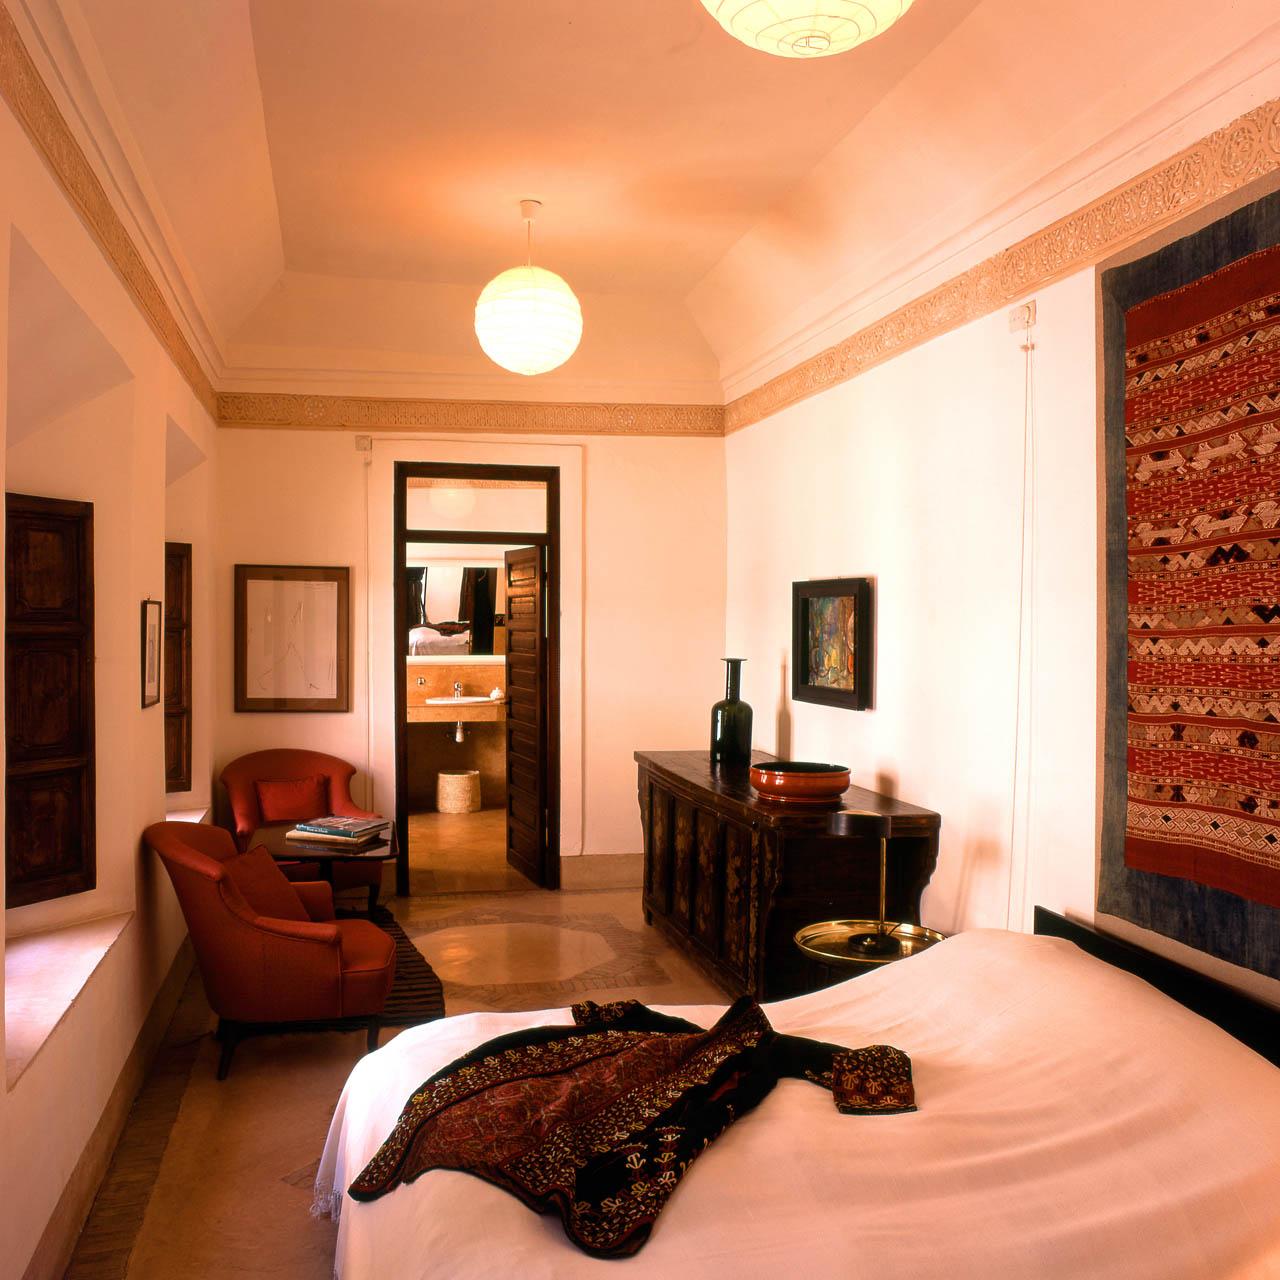 Schlafzimmer mit chinesischem Dekor